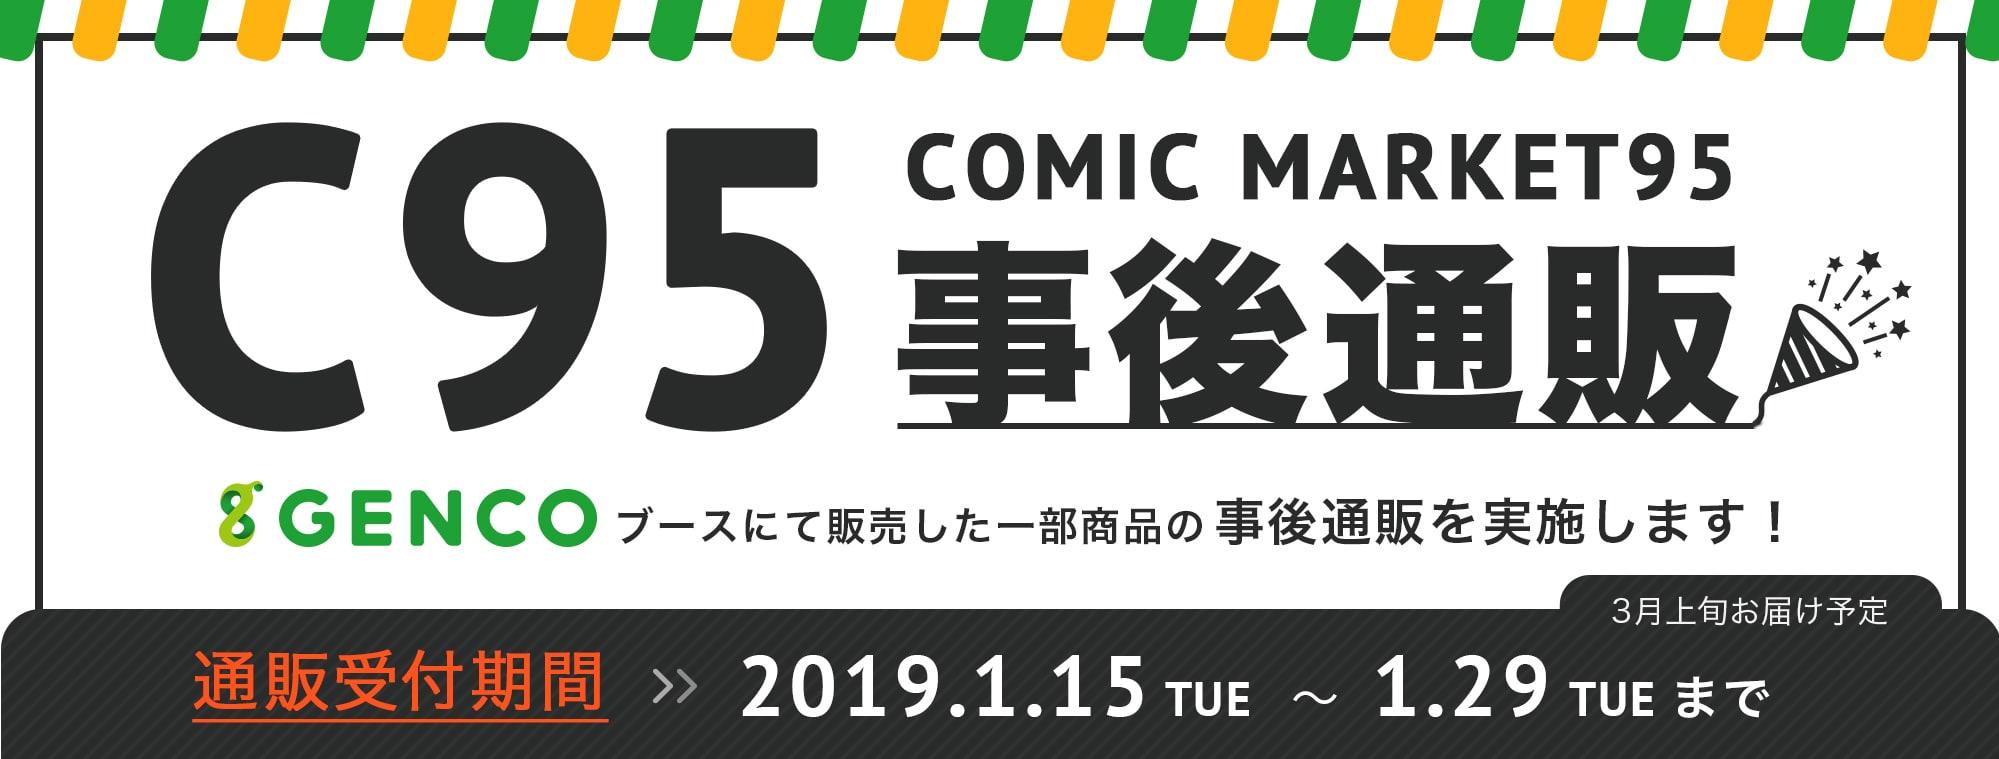 コミックマーケット95 GENCOブース事後通販